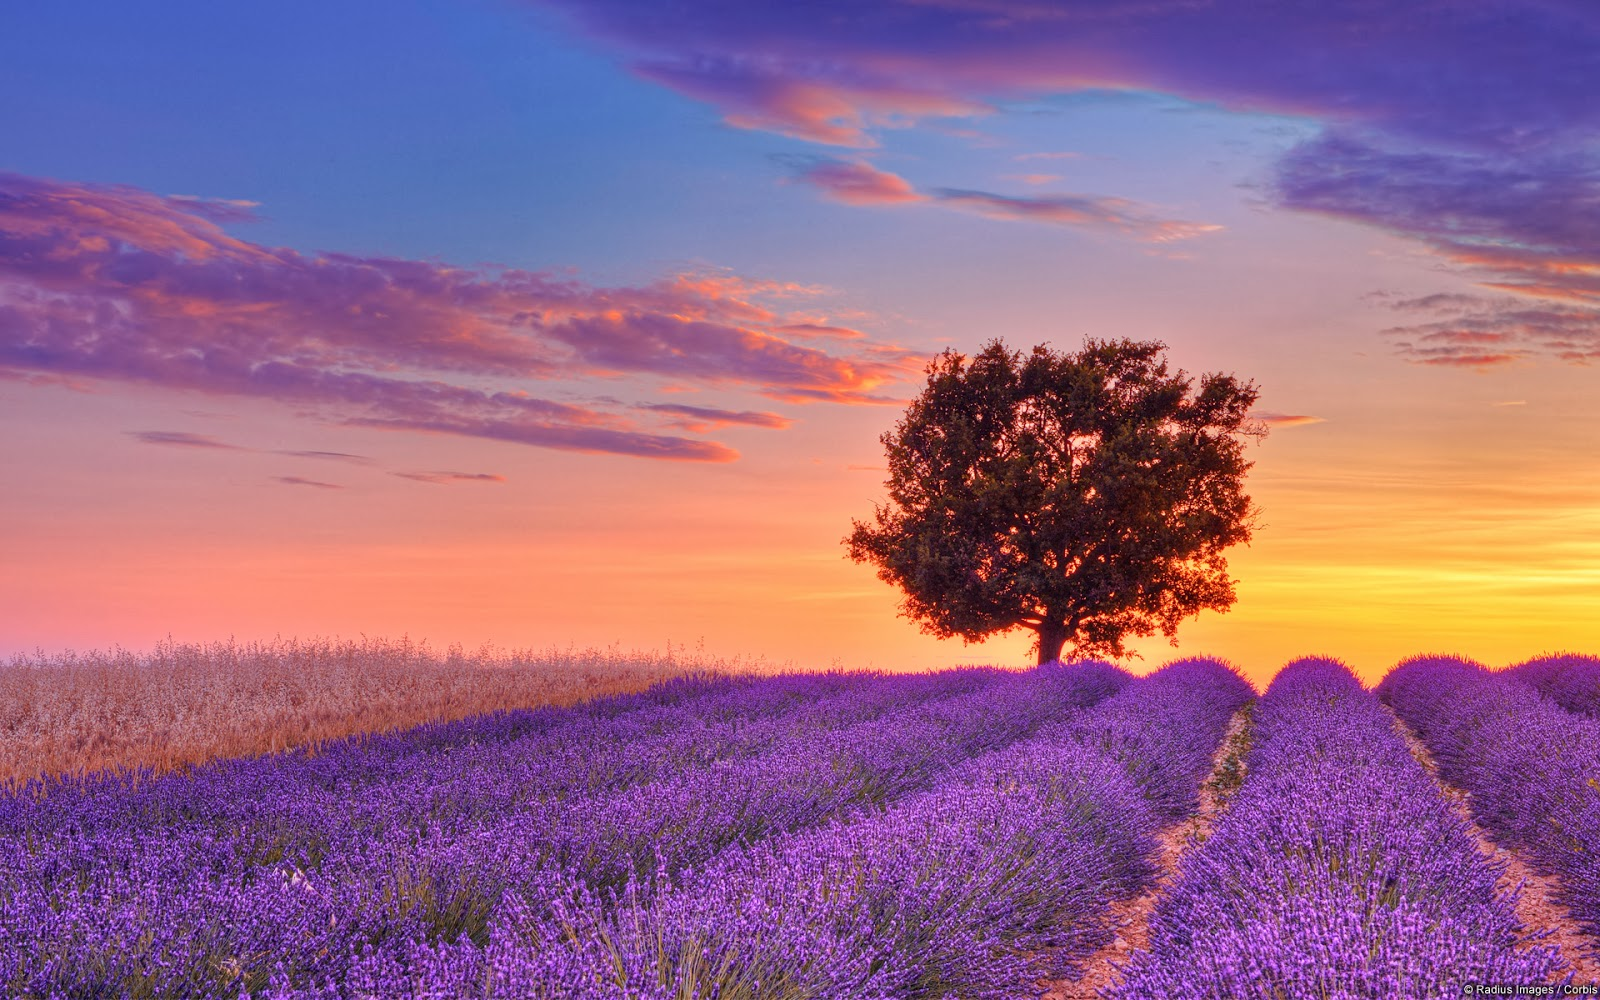 صوره صور مناظر خلابة , اجمل مشاهد طبيعية ممكن تشوفها